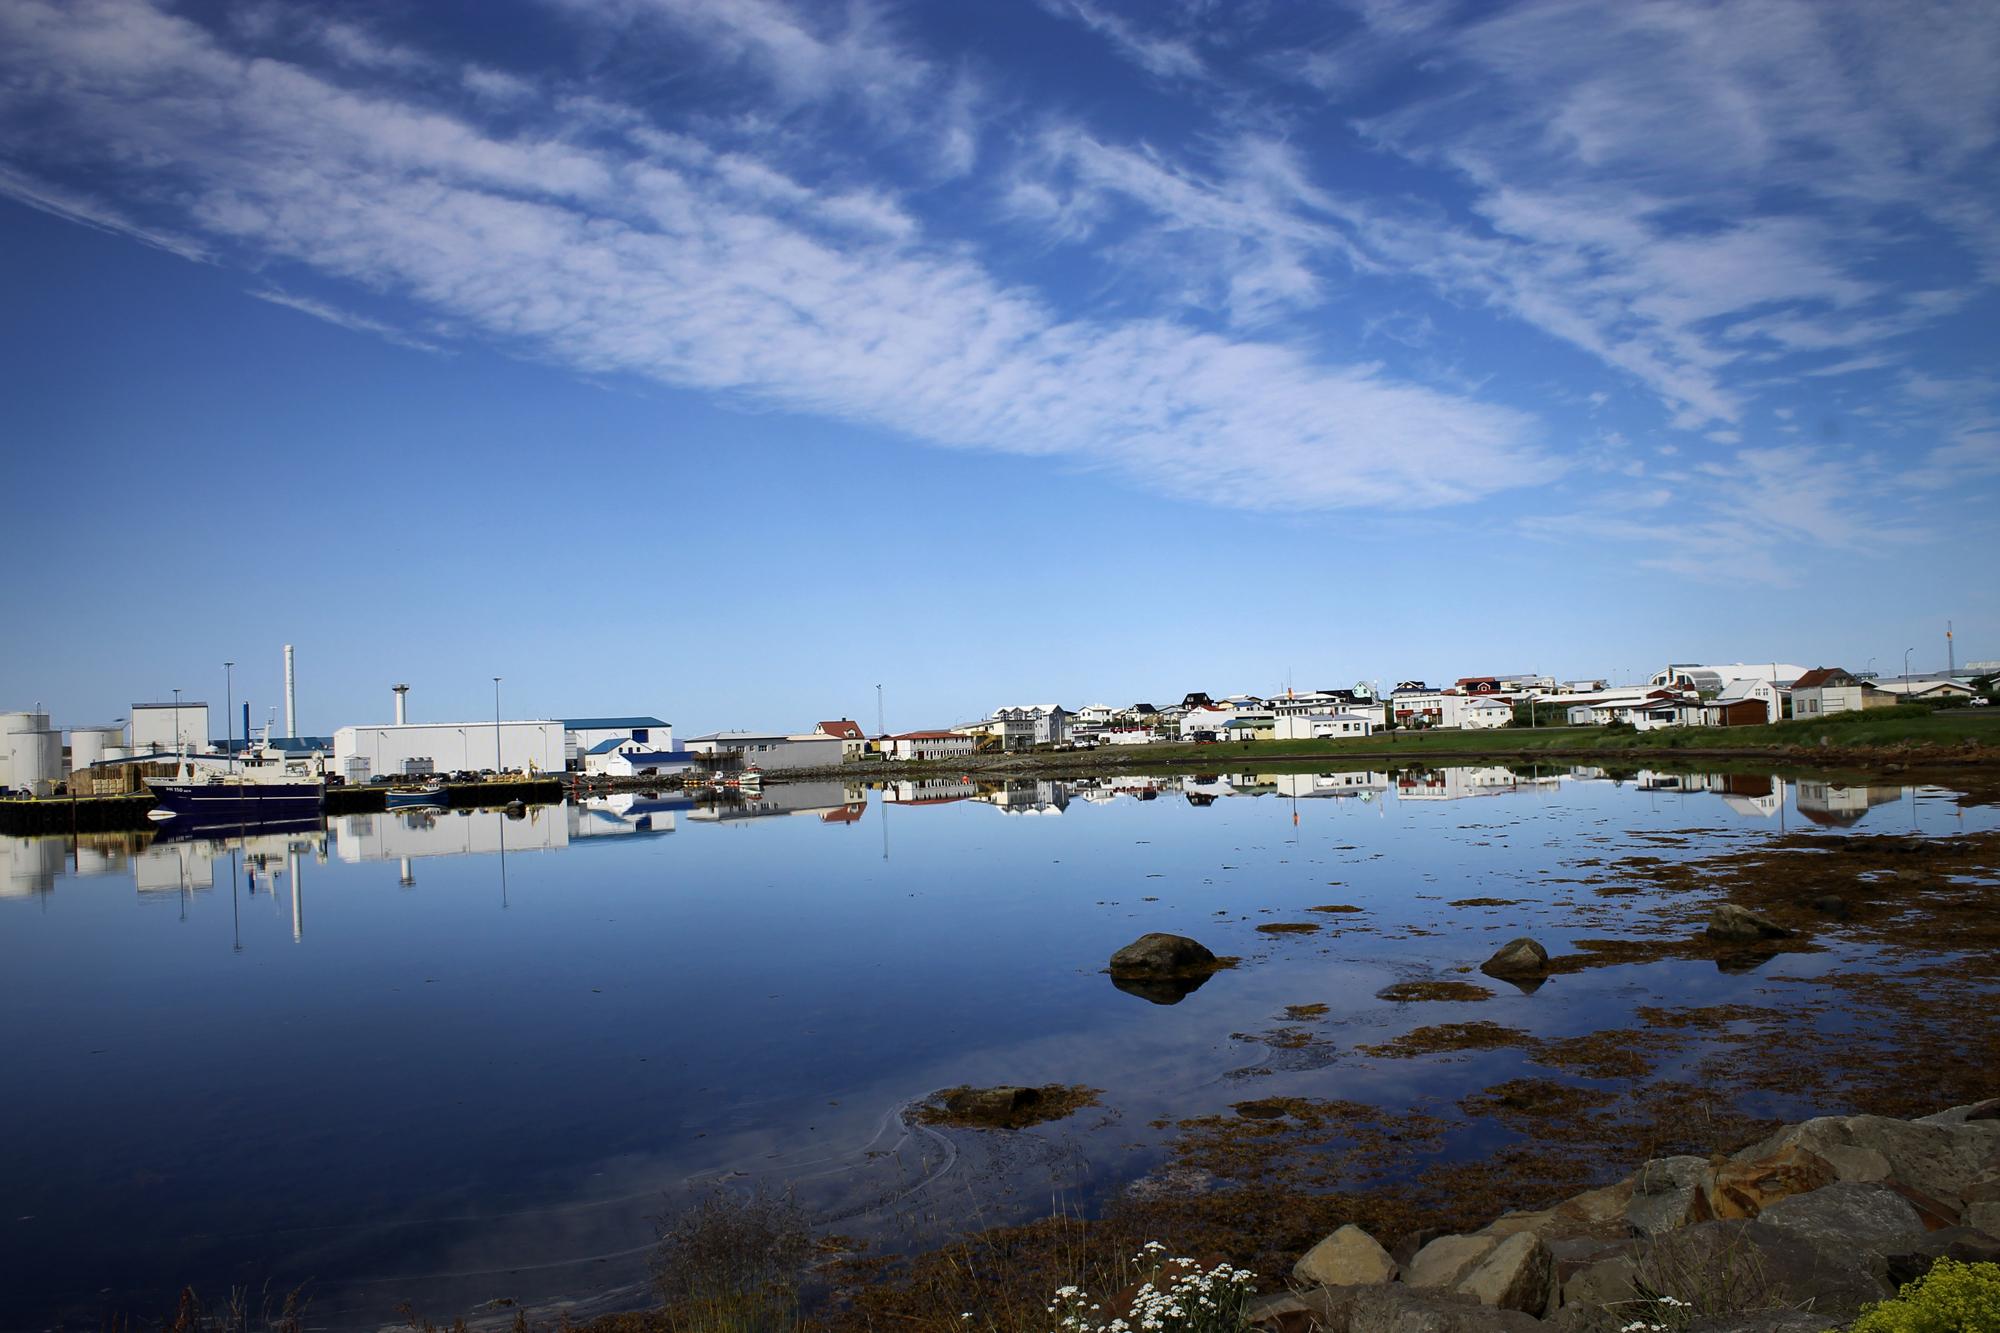 Þórshöfn North iceland harbor seaside town